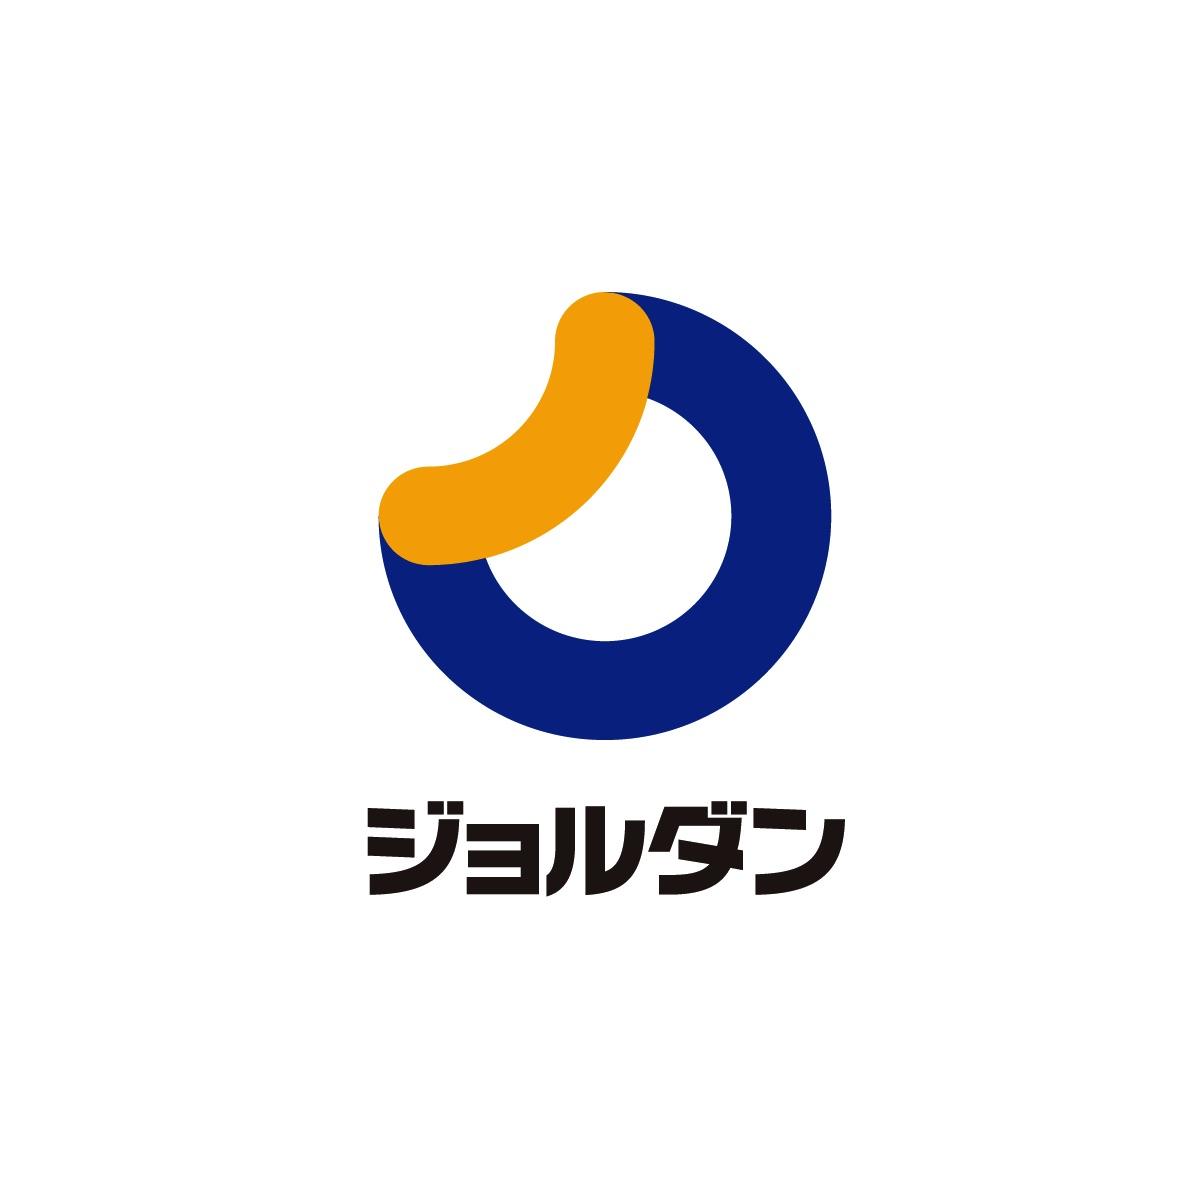 ジョルダン 株主優待